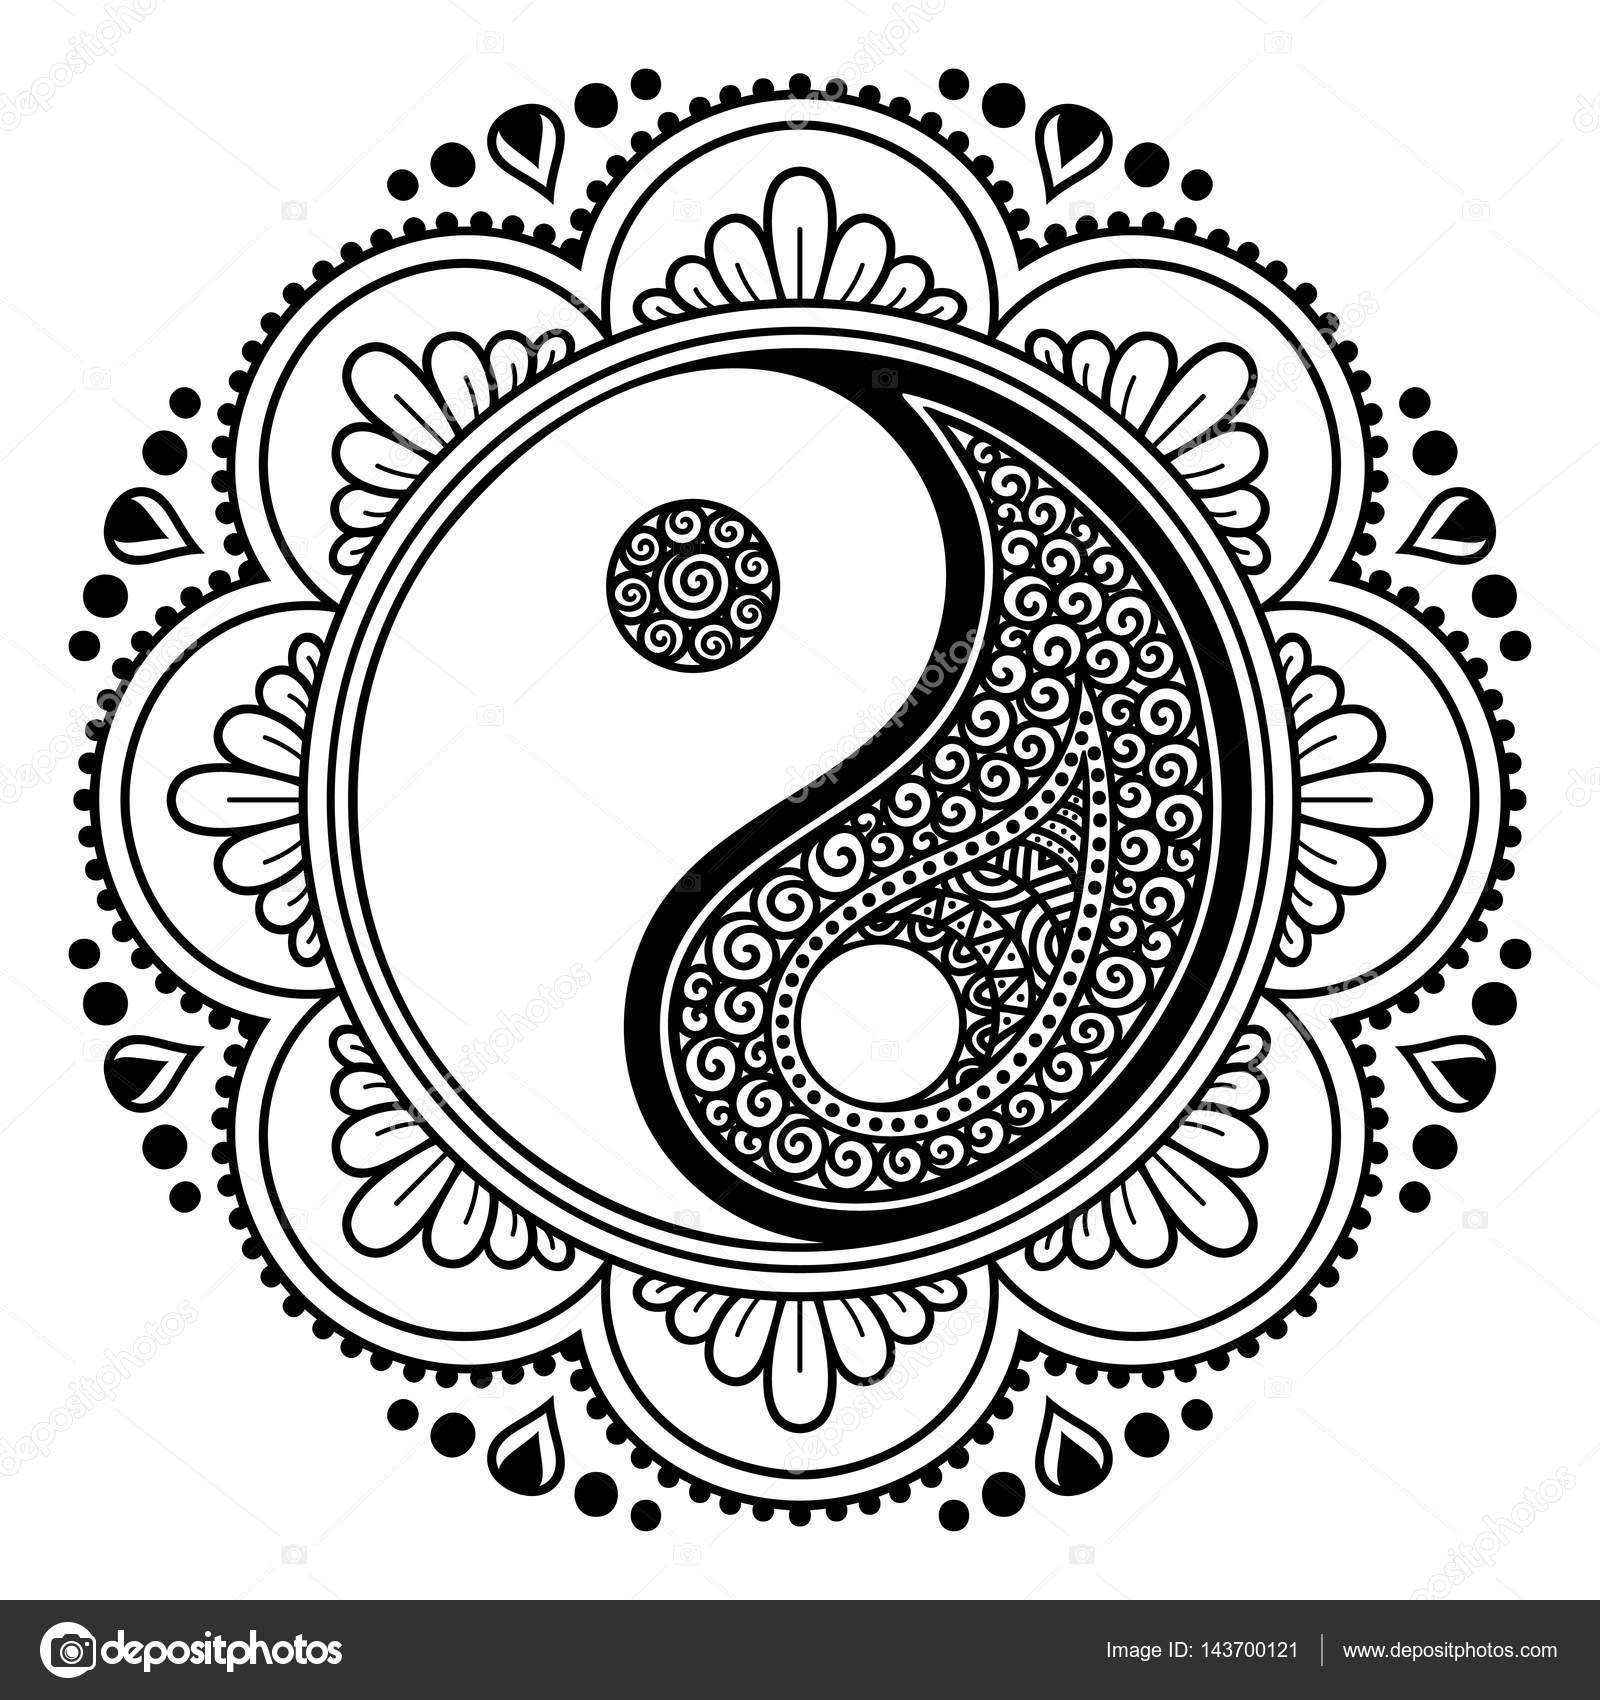 Mandala Tattoo Kleurplaten.Vector Henna Tattoo Mandala Yin Yang Decoratieve Symbool Mehndi